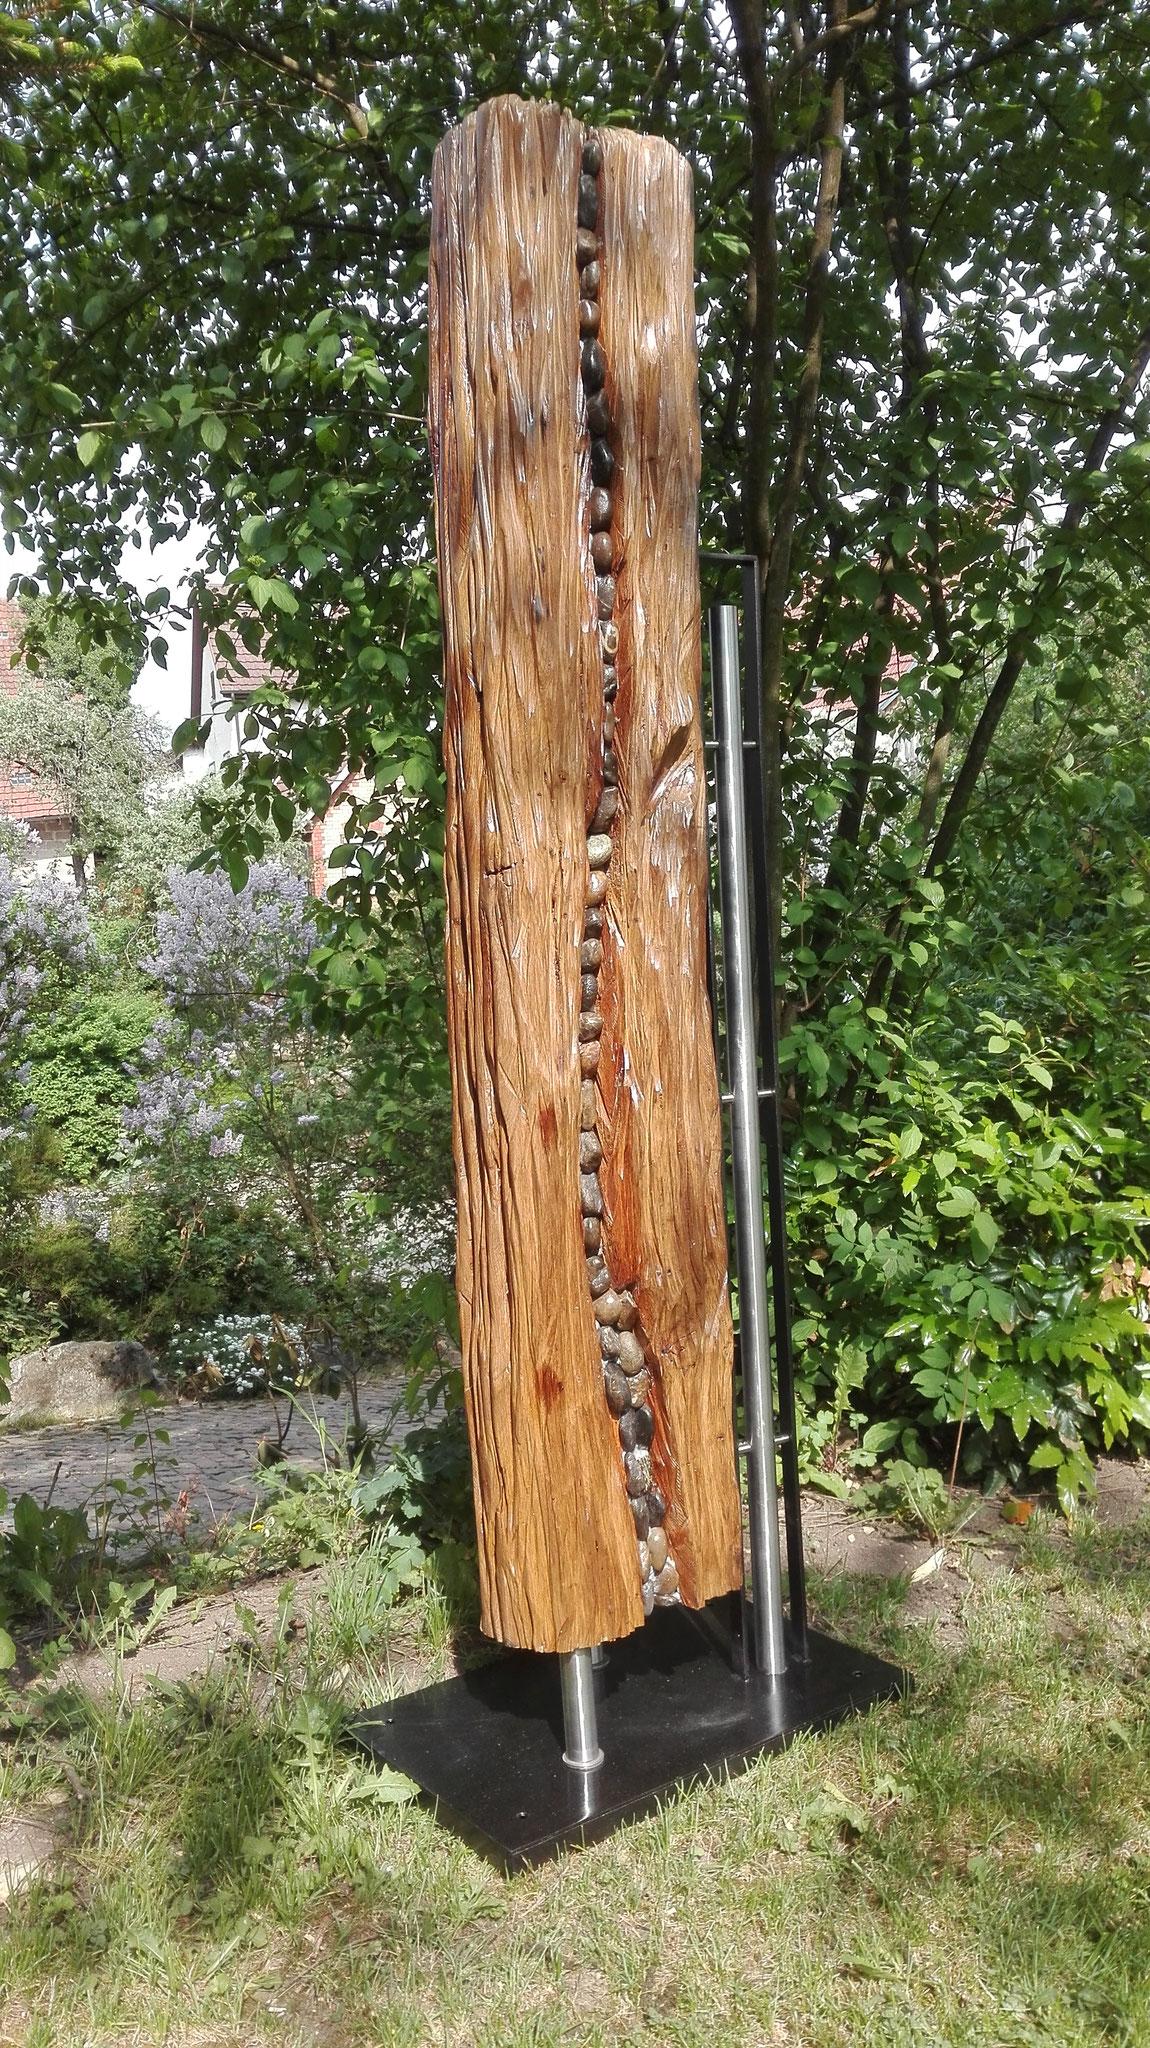 Full Size of Gartenskulpturen Holz Aus Loungemöbel Garten Bad Unterschrank Betten Massivholz Holzfliesen Bett 180x200 Küche Weiß Holzhaus Kind Massivholzküche Spielhaus Wohnzimmer Gartenskulpturen Holz